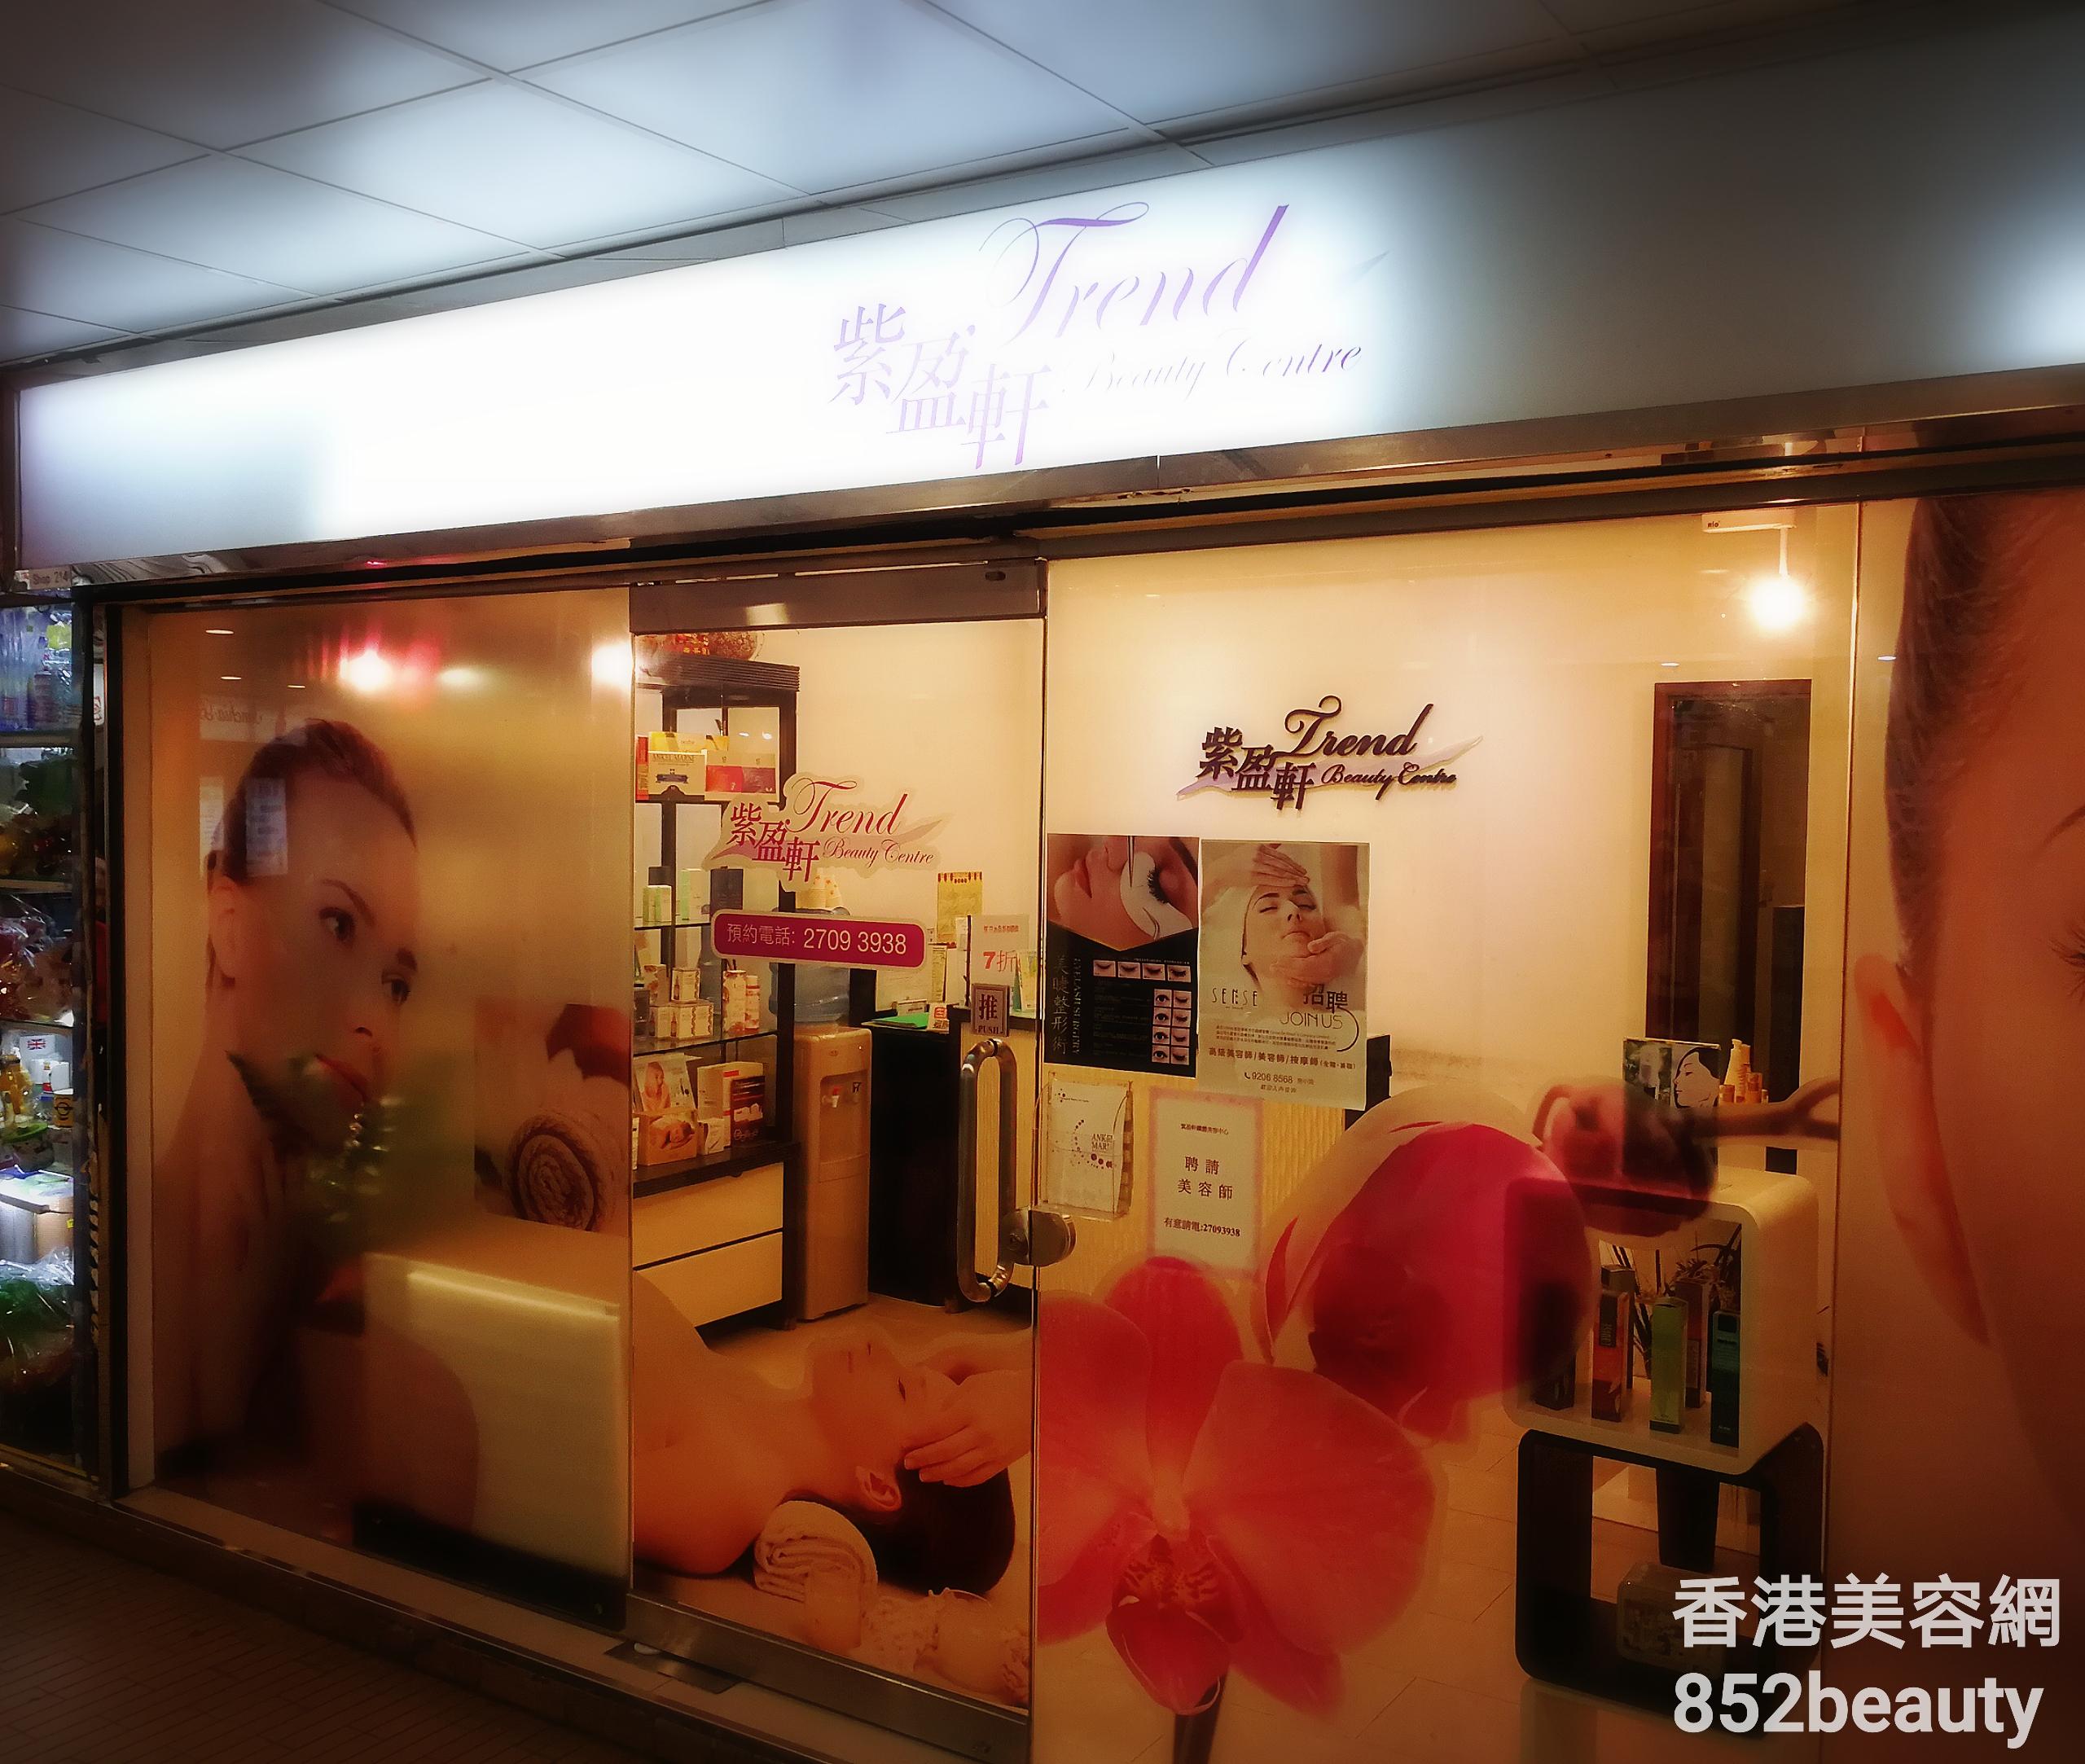 香港美容院 美容師 : 紫盈軒纖體美容中心  @青年創業軍